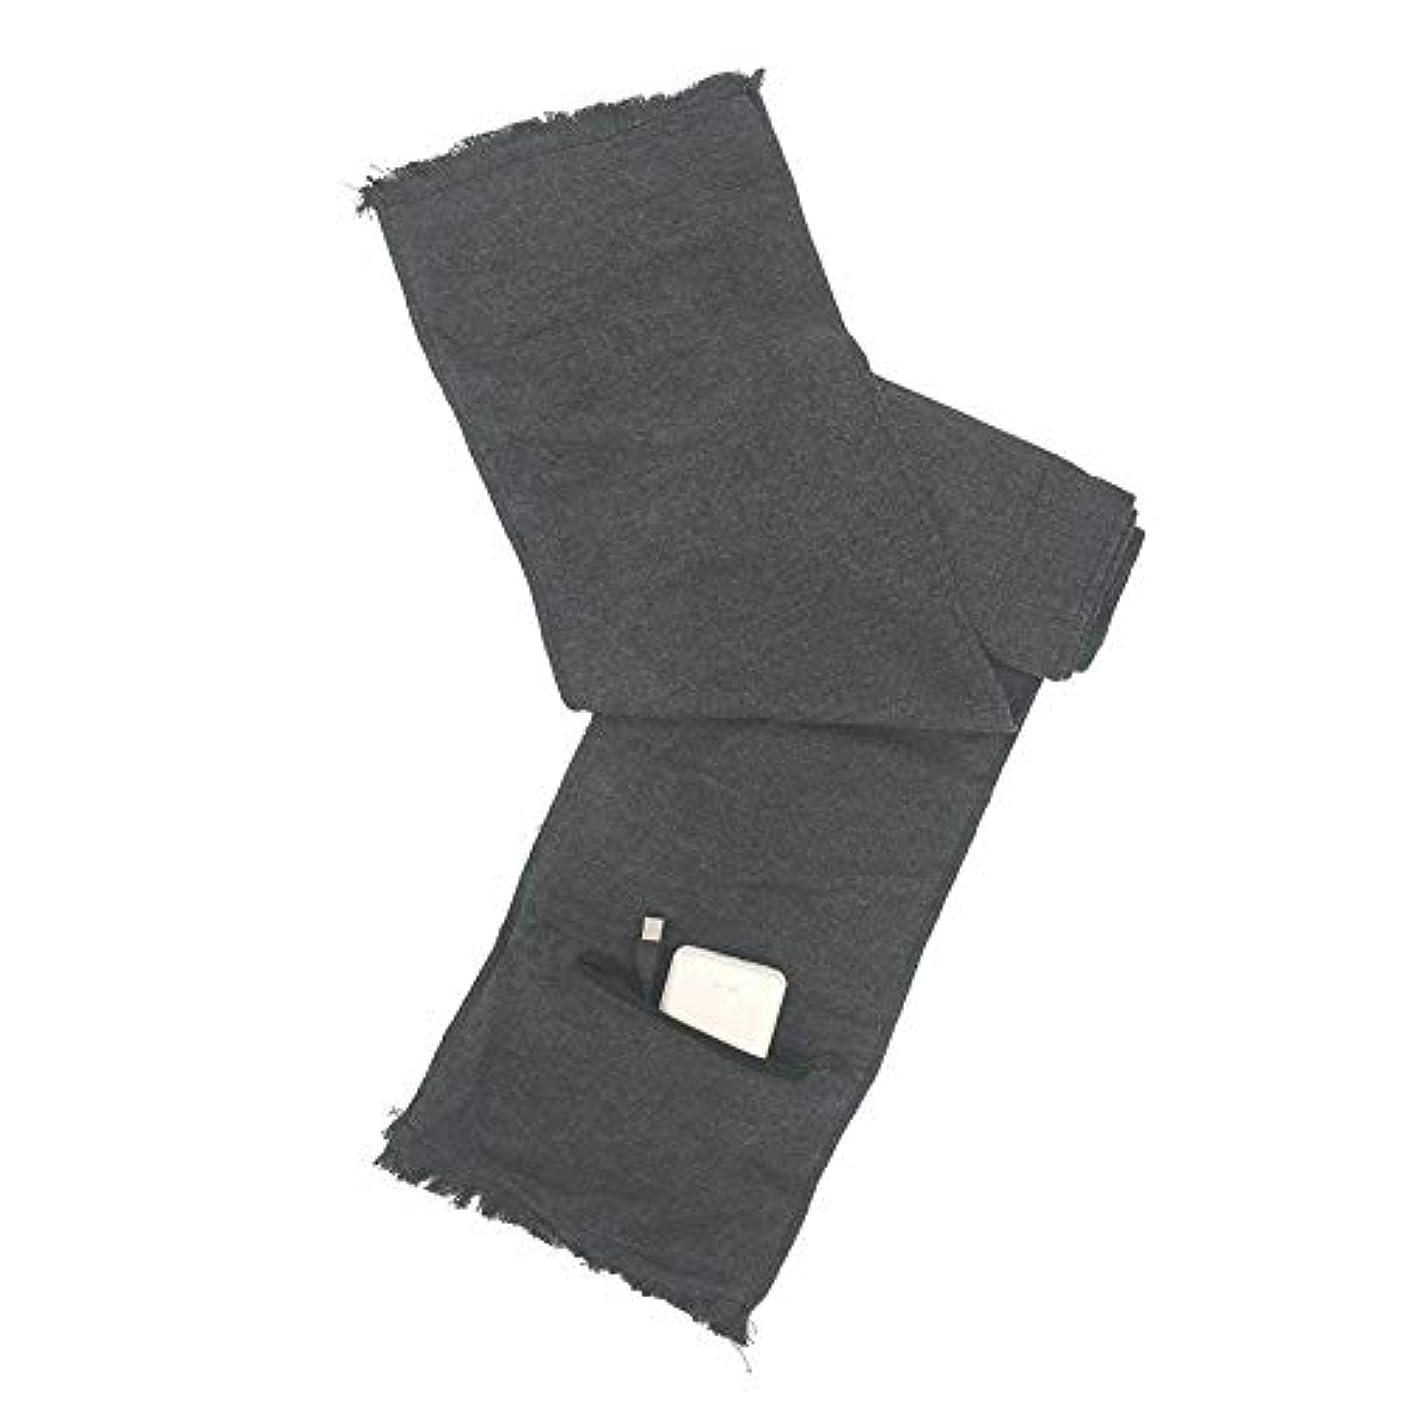 電話する悲惨な登録するSund 電気加熱マフラー 冬用 加熱スカーフ USB充電式 遠赤外線 発熱効果 男女兼用 通勤通学 室外作業